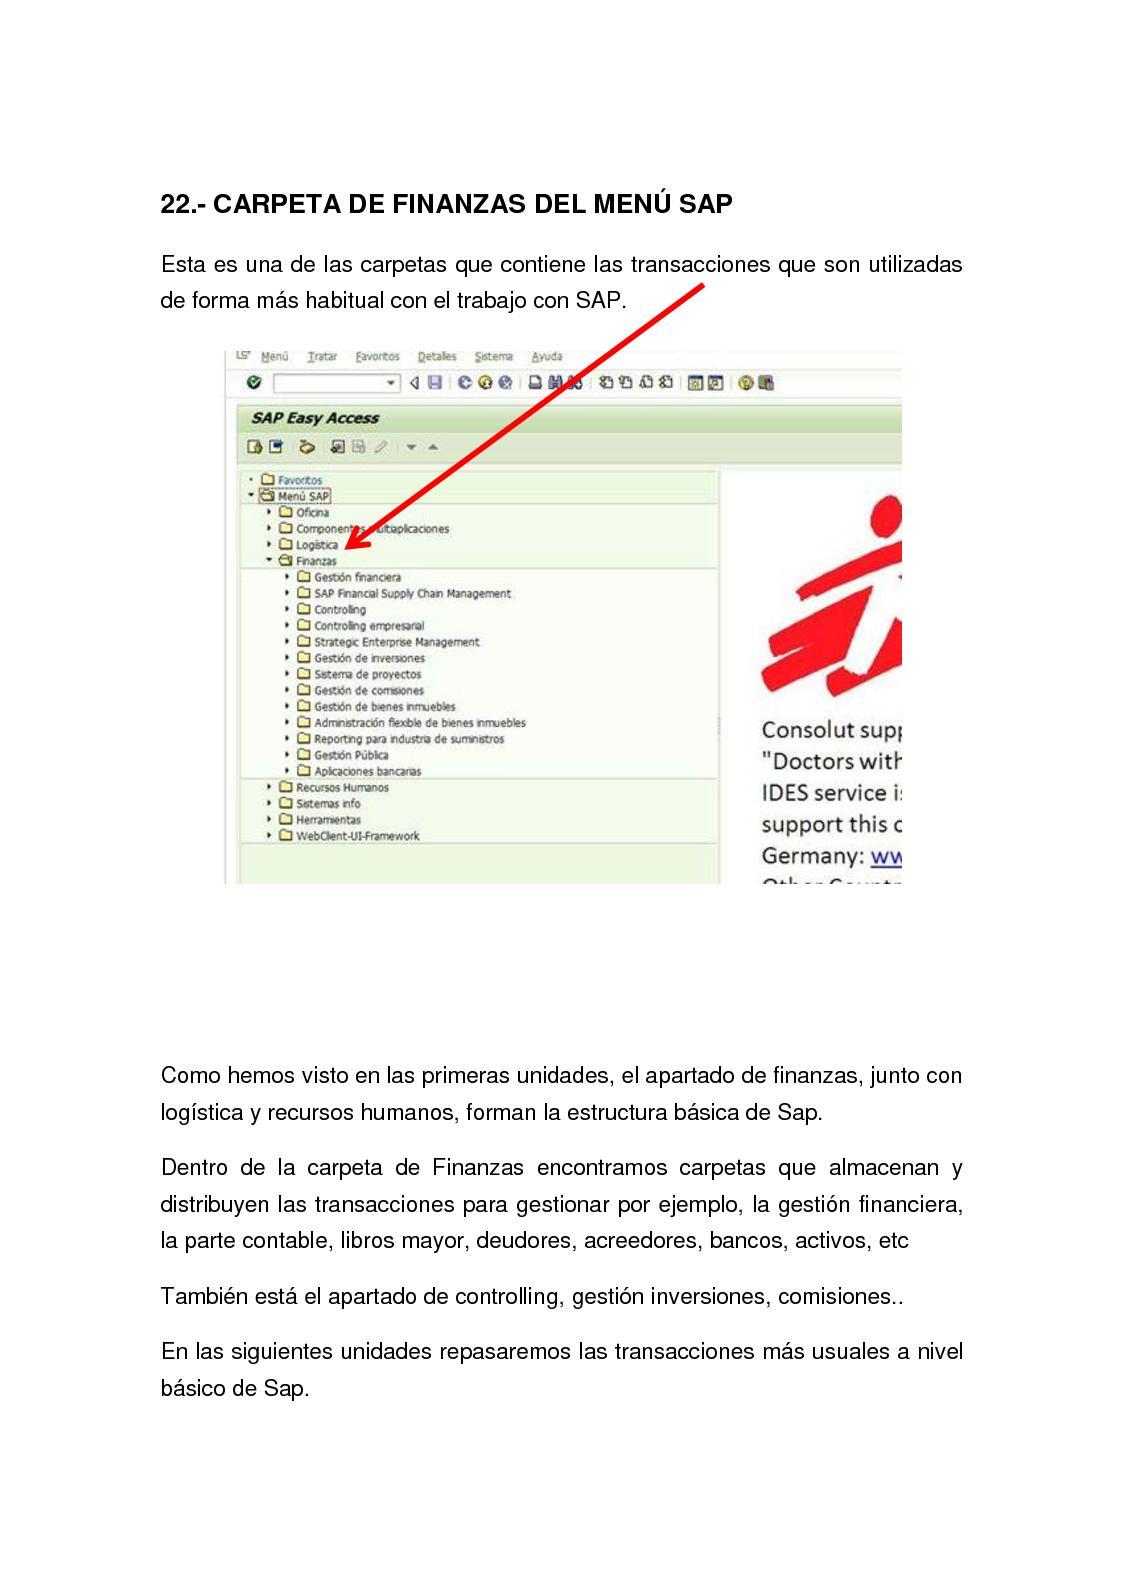 Manual Sap Calameo Downloader